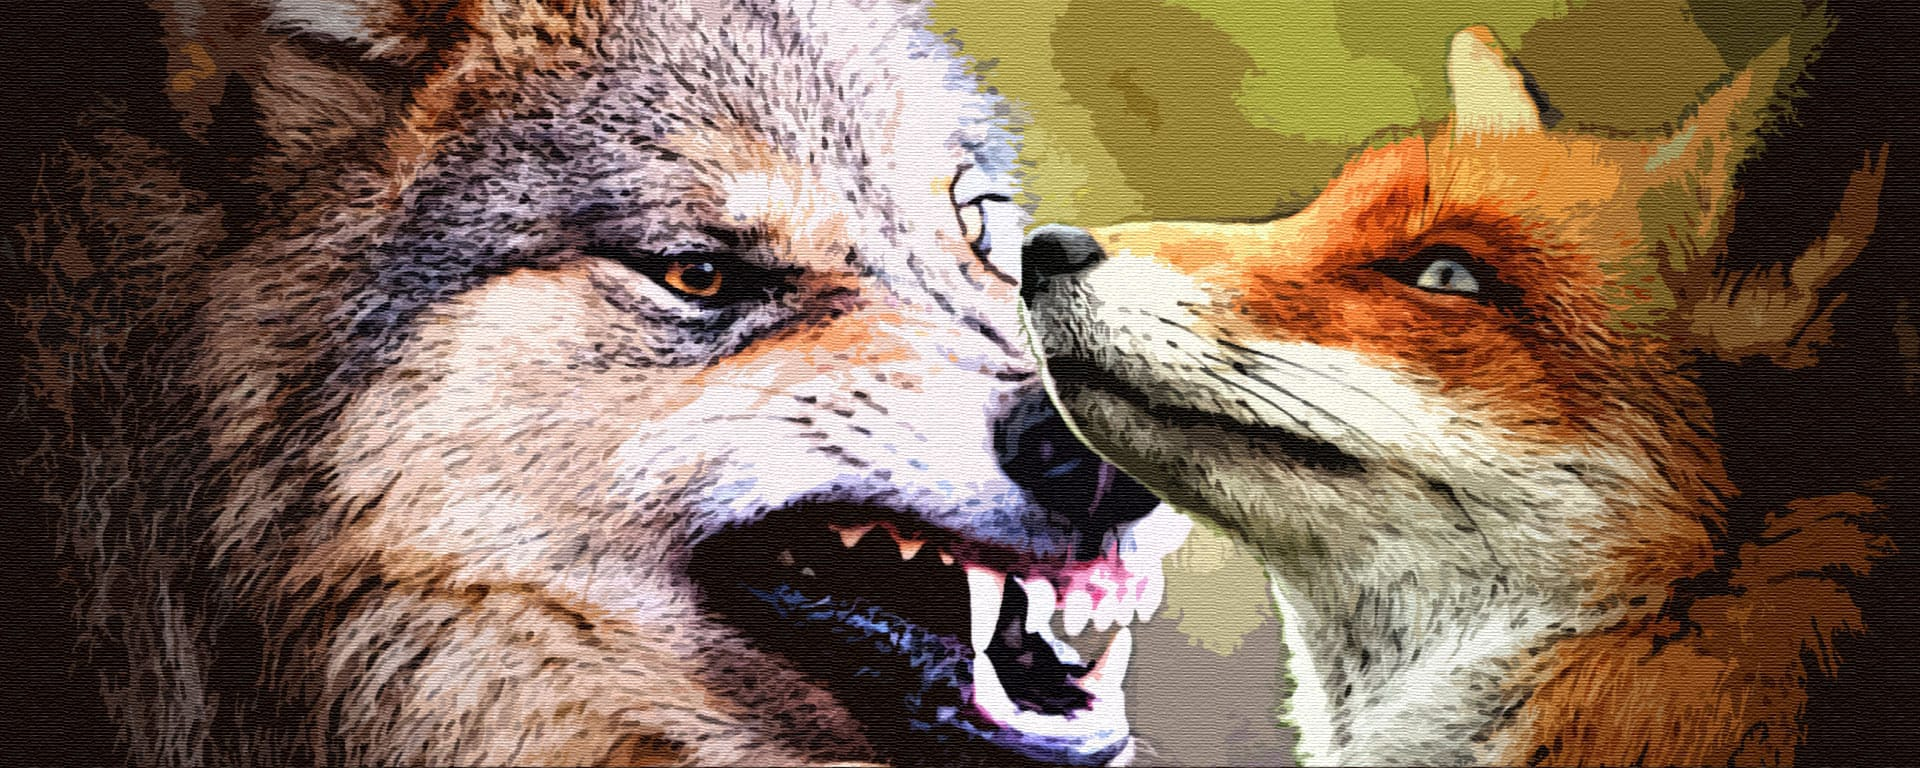 Qvator | Жадный волк и лиса